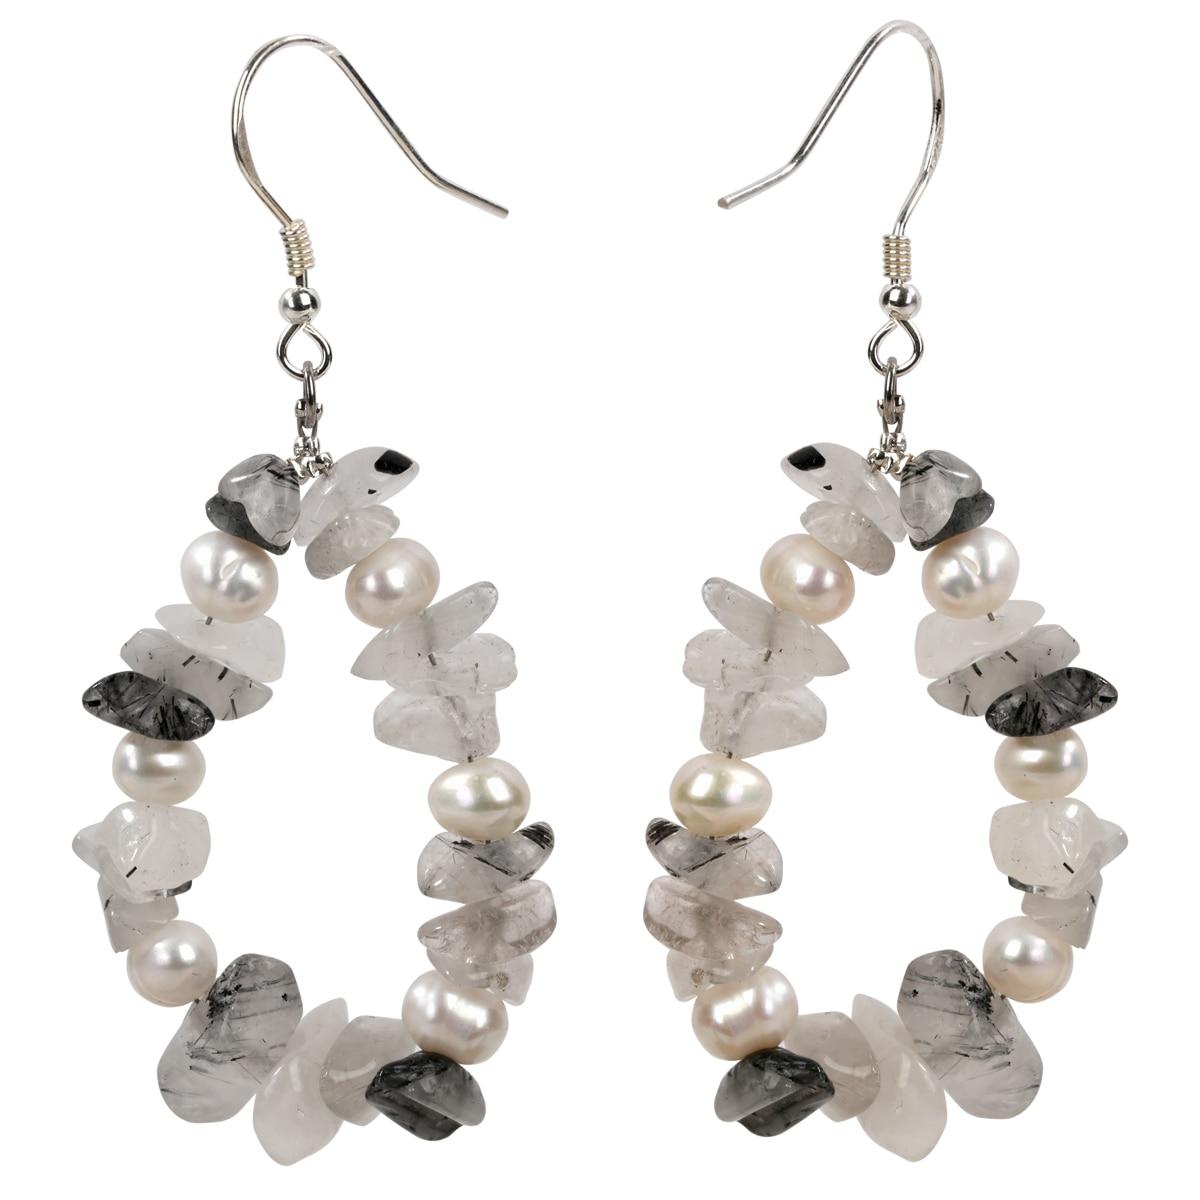 Yacq de Cuarzo rutilado perlas de Plata de Ley 925 pendientes de plata pendientes colgantes hechos a mano de joyería regalos para las mujeres la mamá chicas Mujer